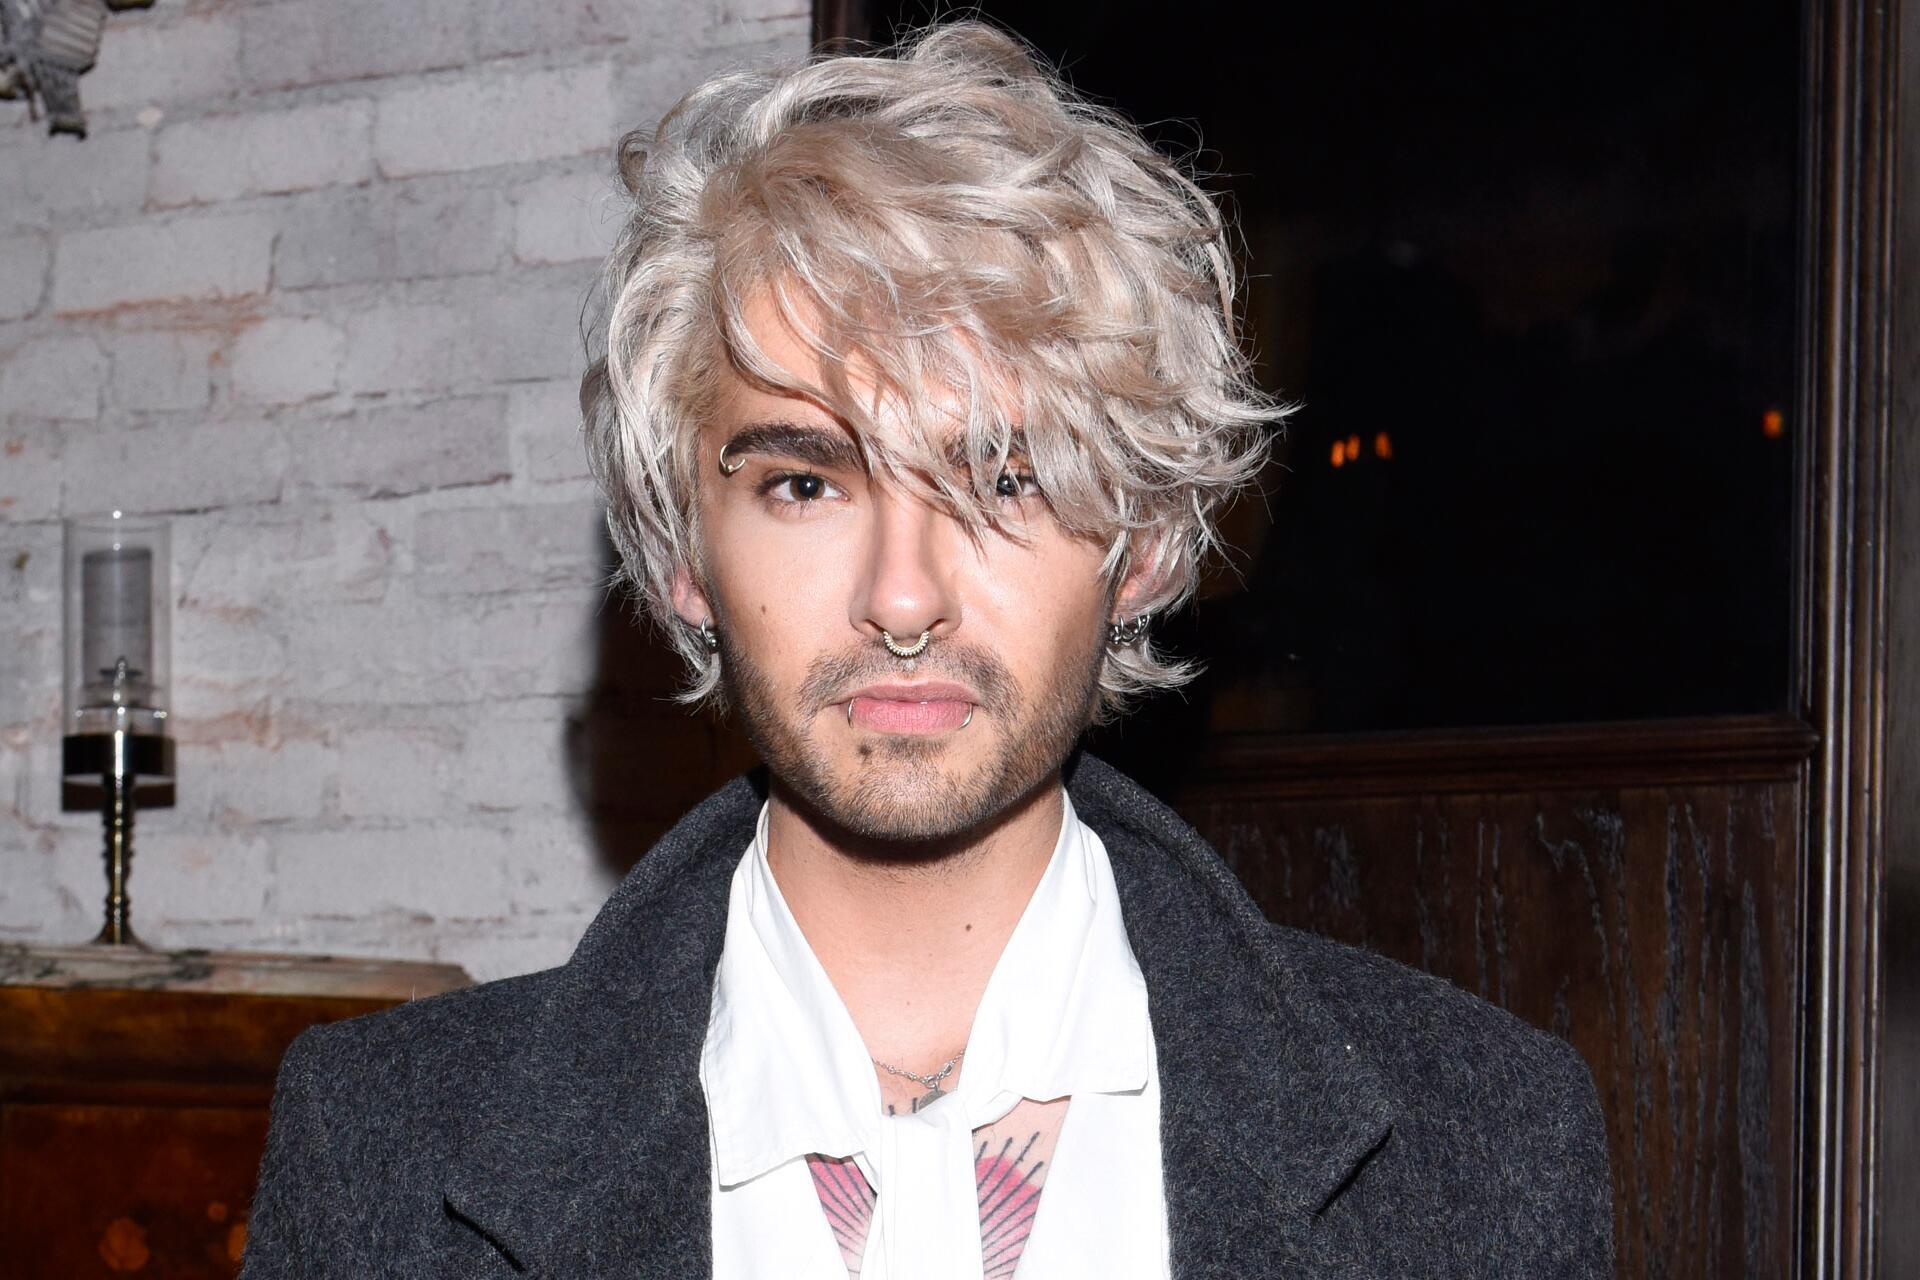 Bill Kaulitz lüftet Geheimnis um neue Frisur